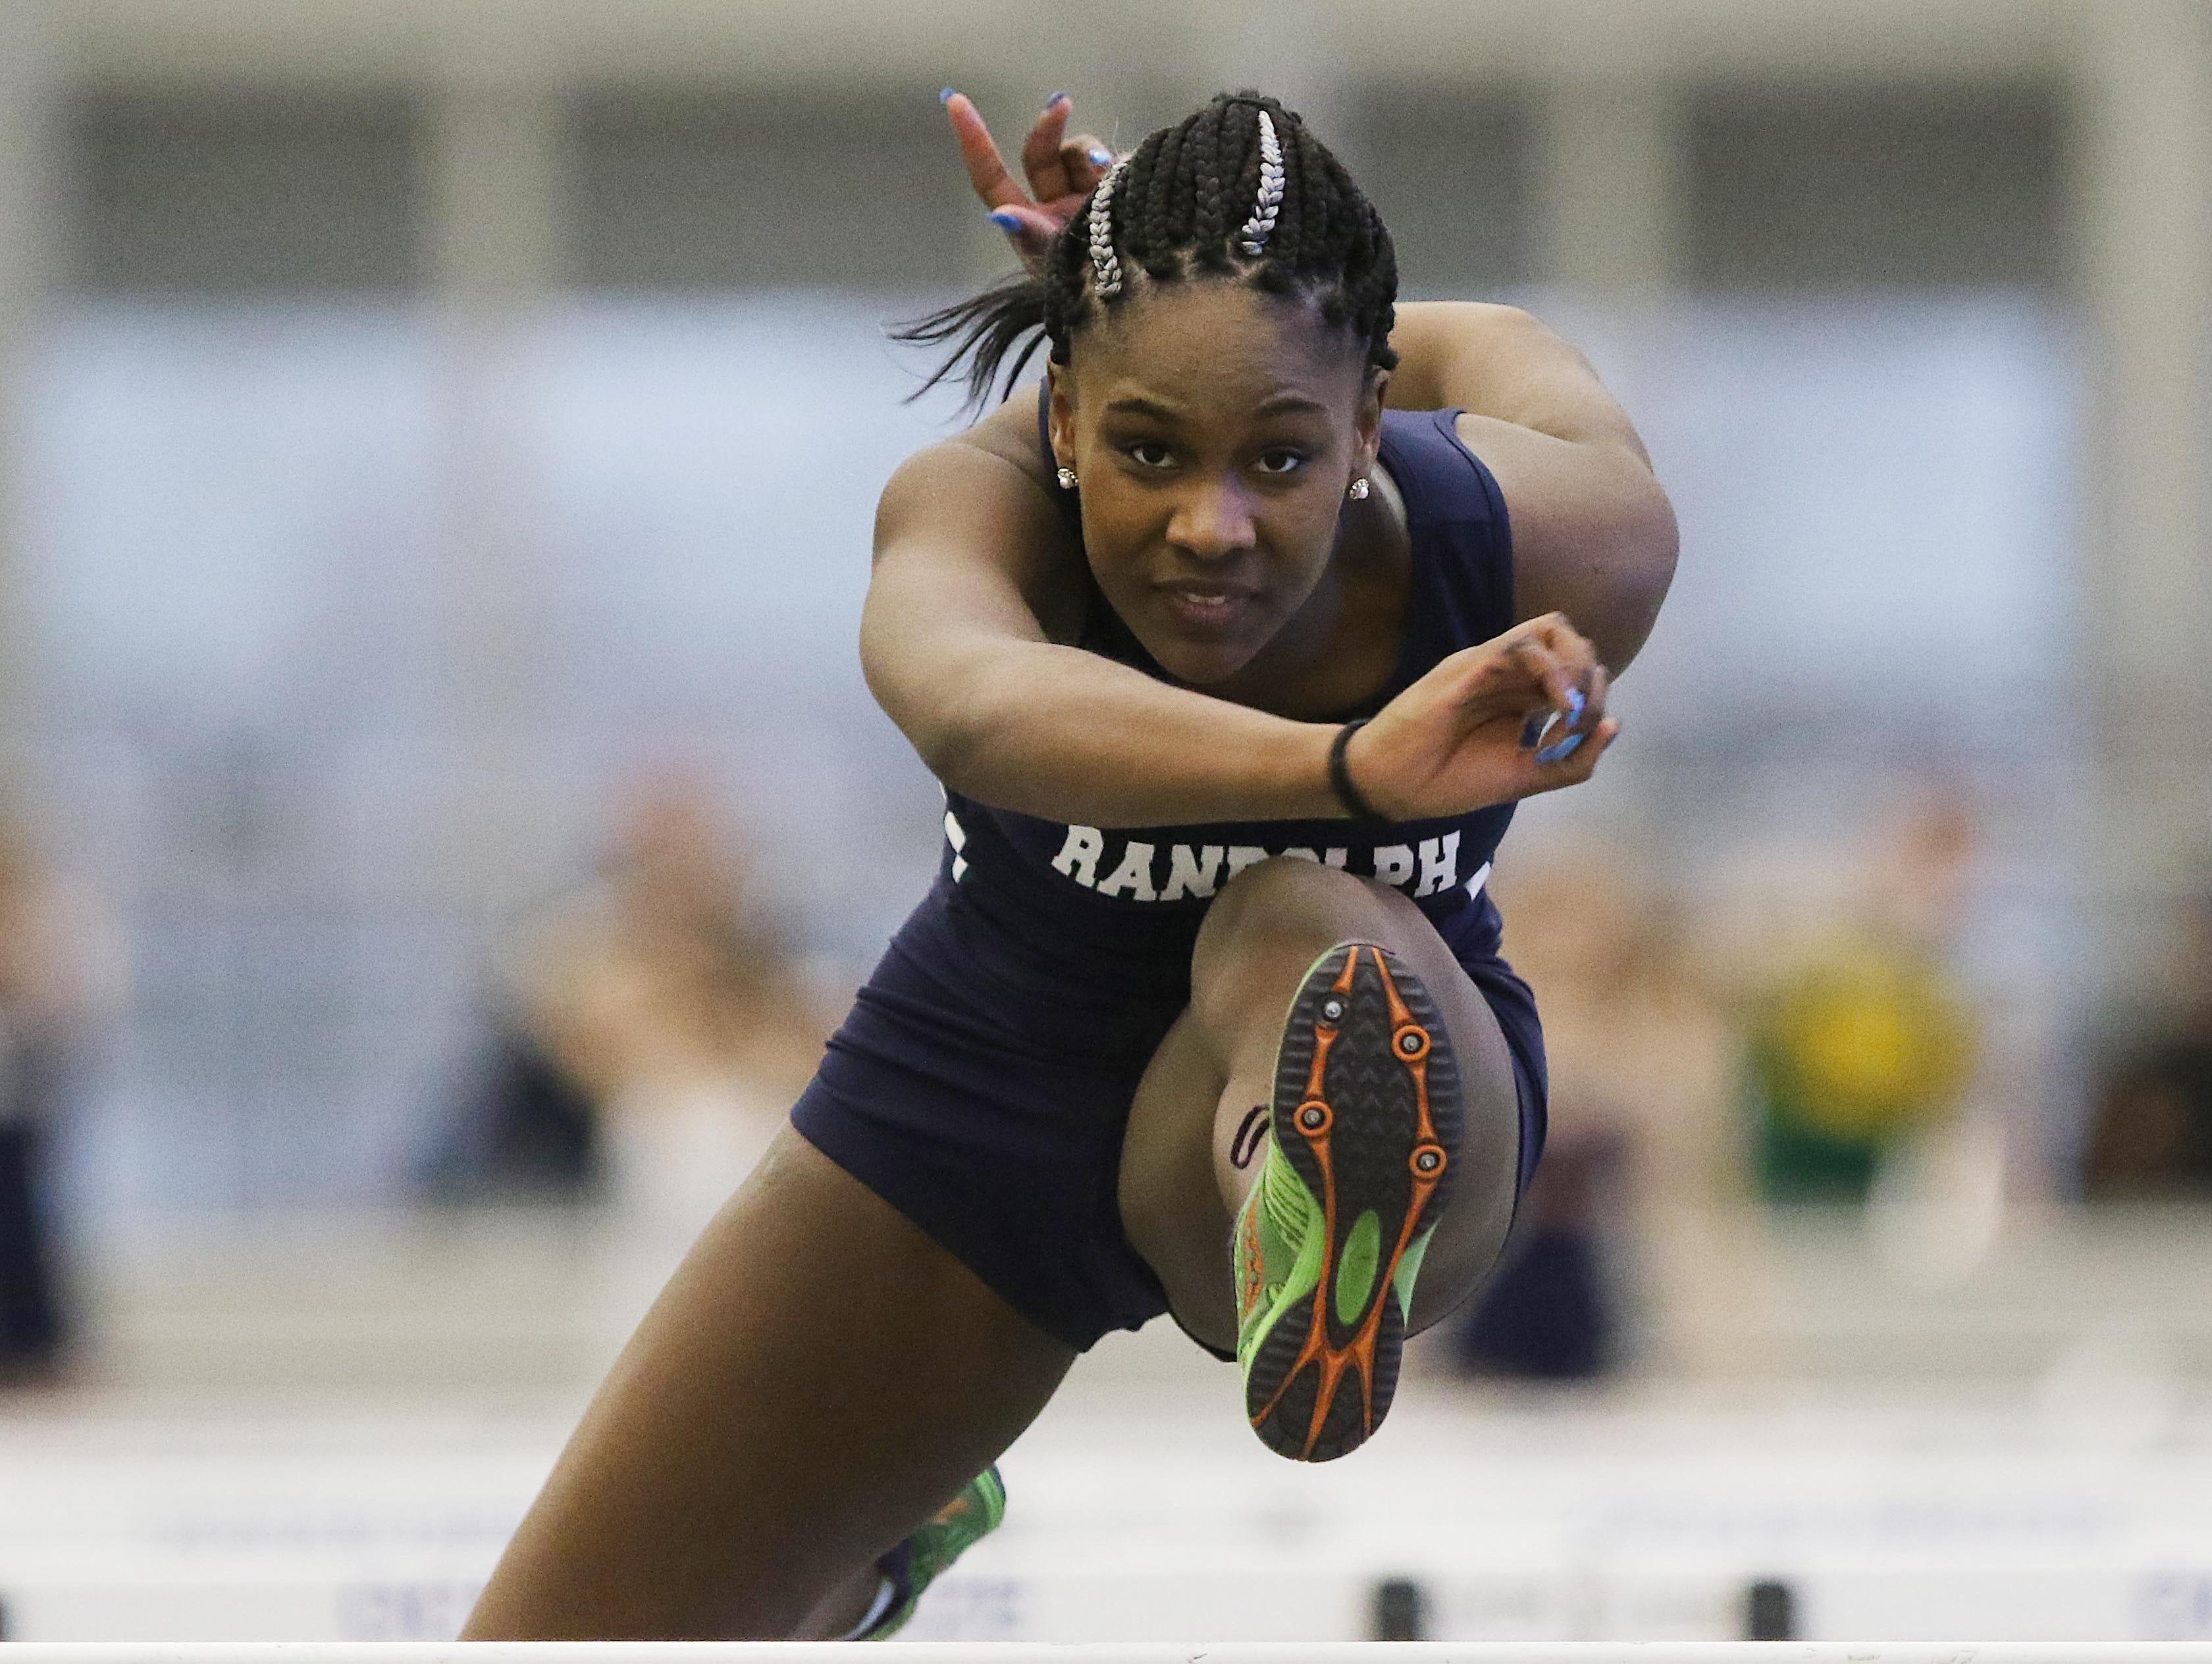 Karen Hull of Randolph in the 55 meter hurdles.